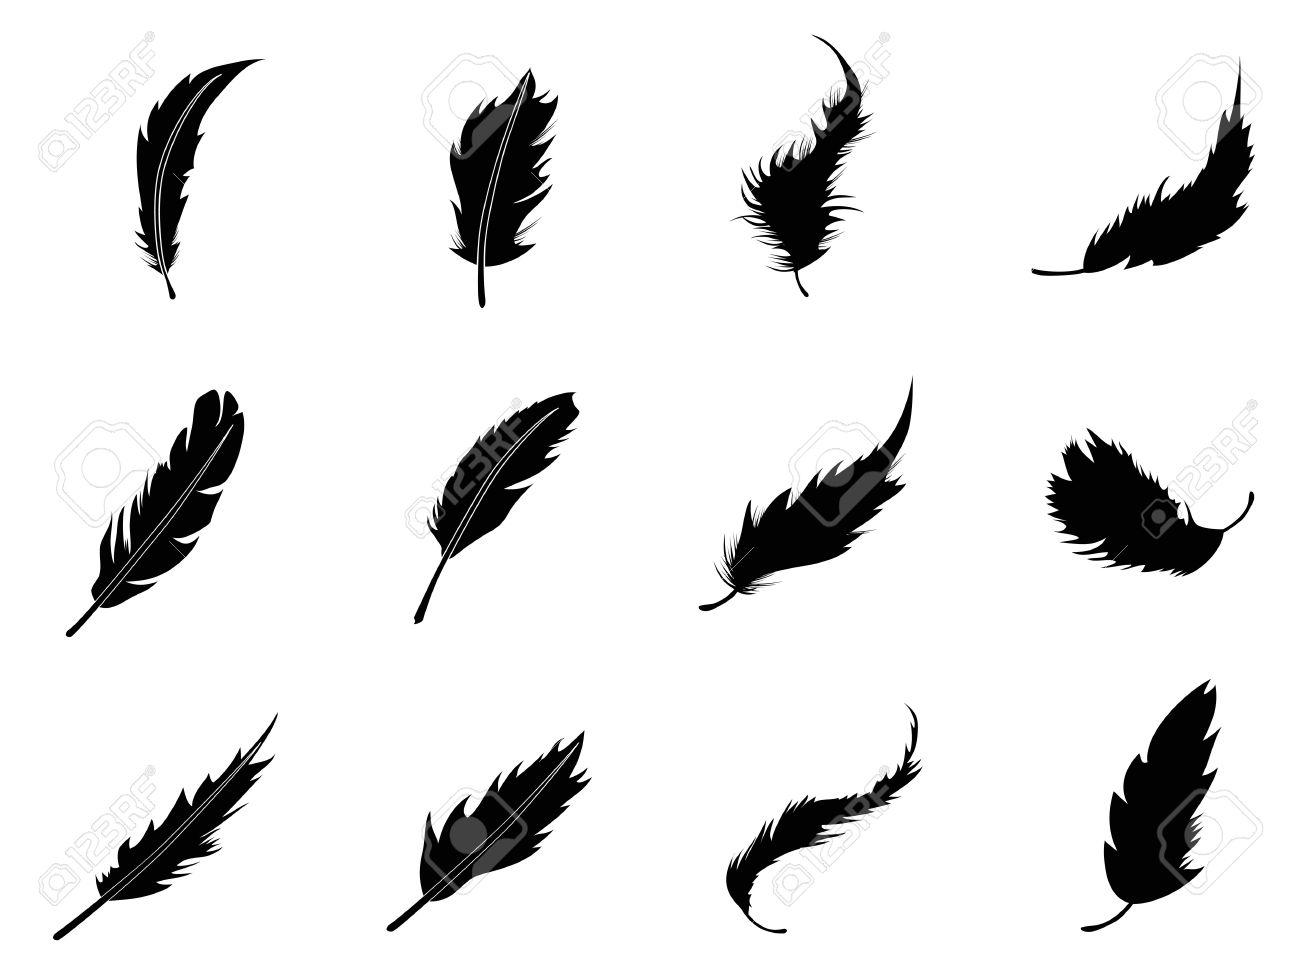 ホワイト バック グラウンドから分離された羽のシルエットのイラスト素材